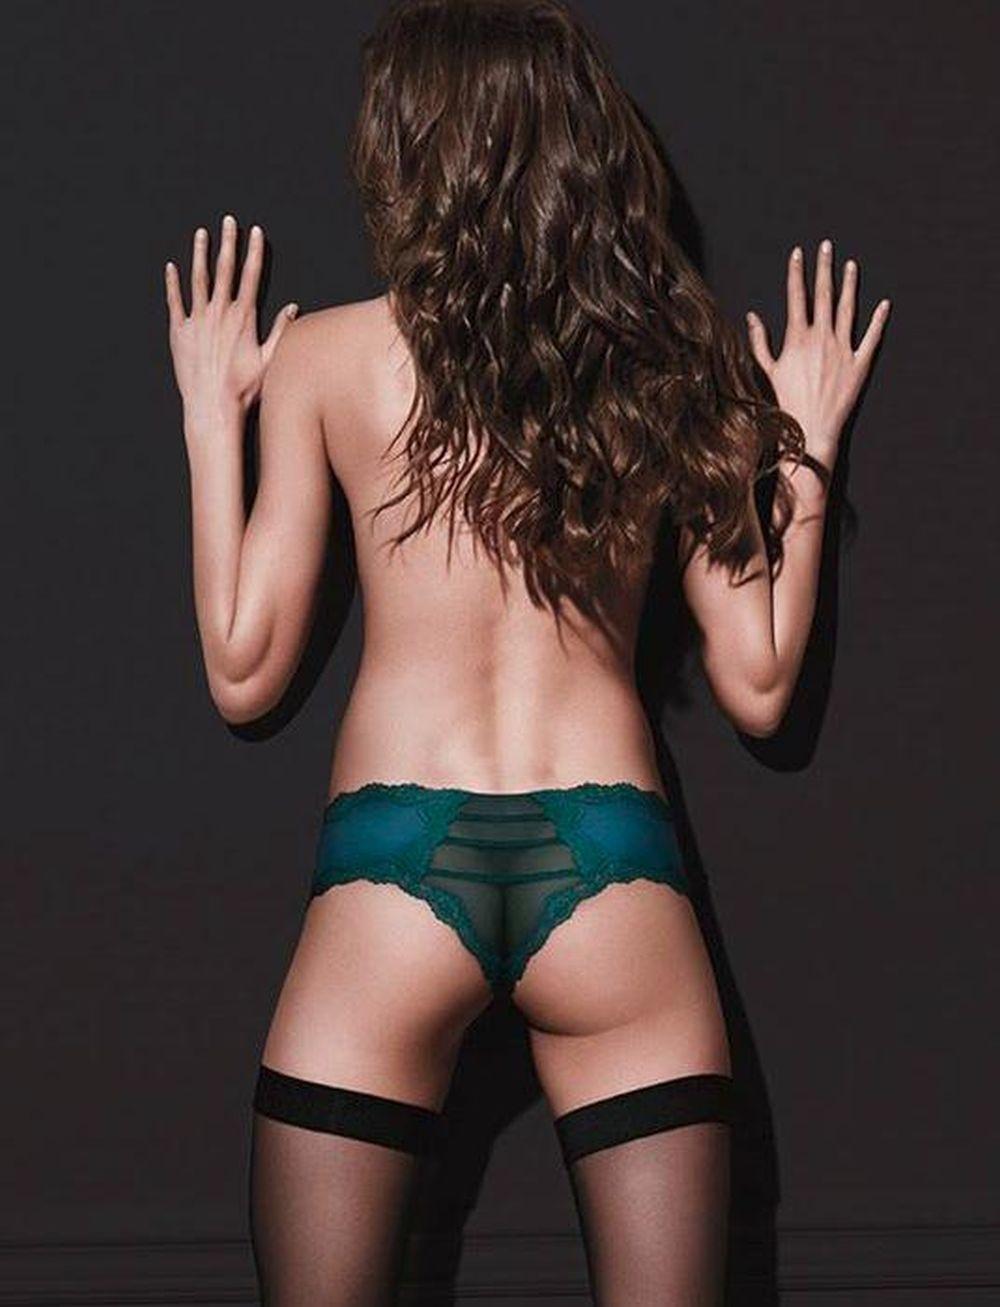 FOTO: NOVA PHOTOSHOP BLAMAŽA Victoria's Secret ponovno na udaru kritičara